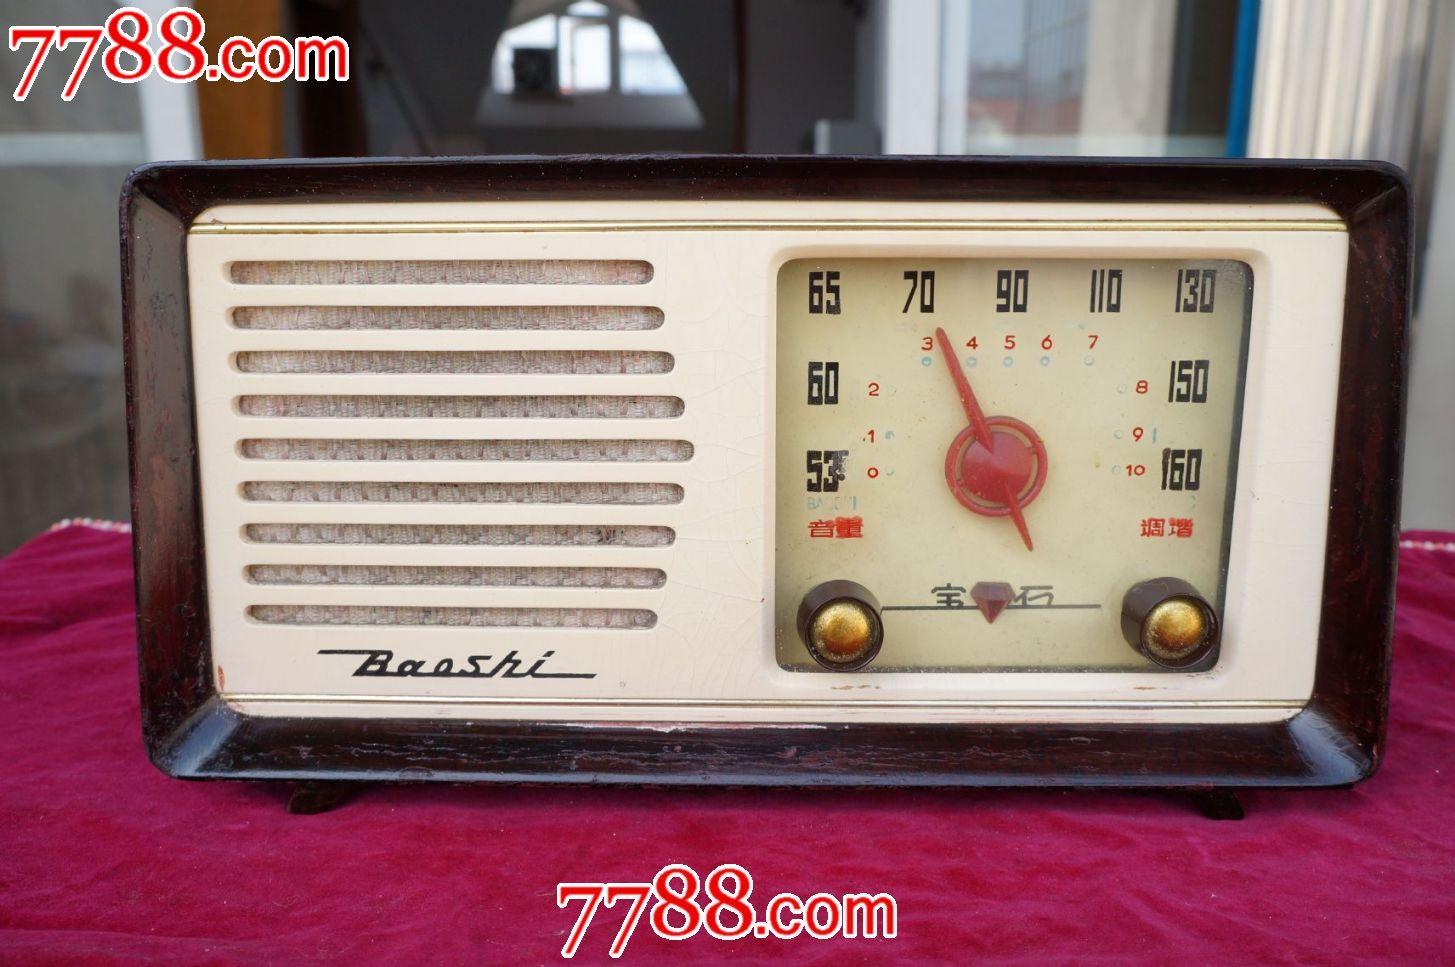 宝石441-b四灯电子管收音机